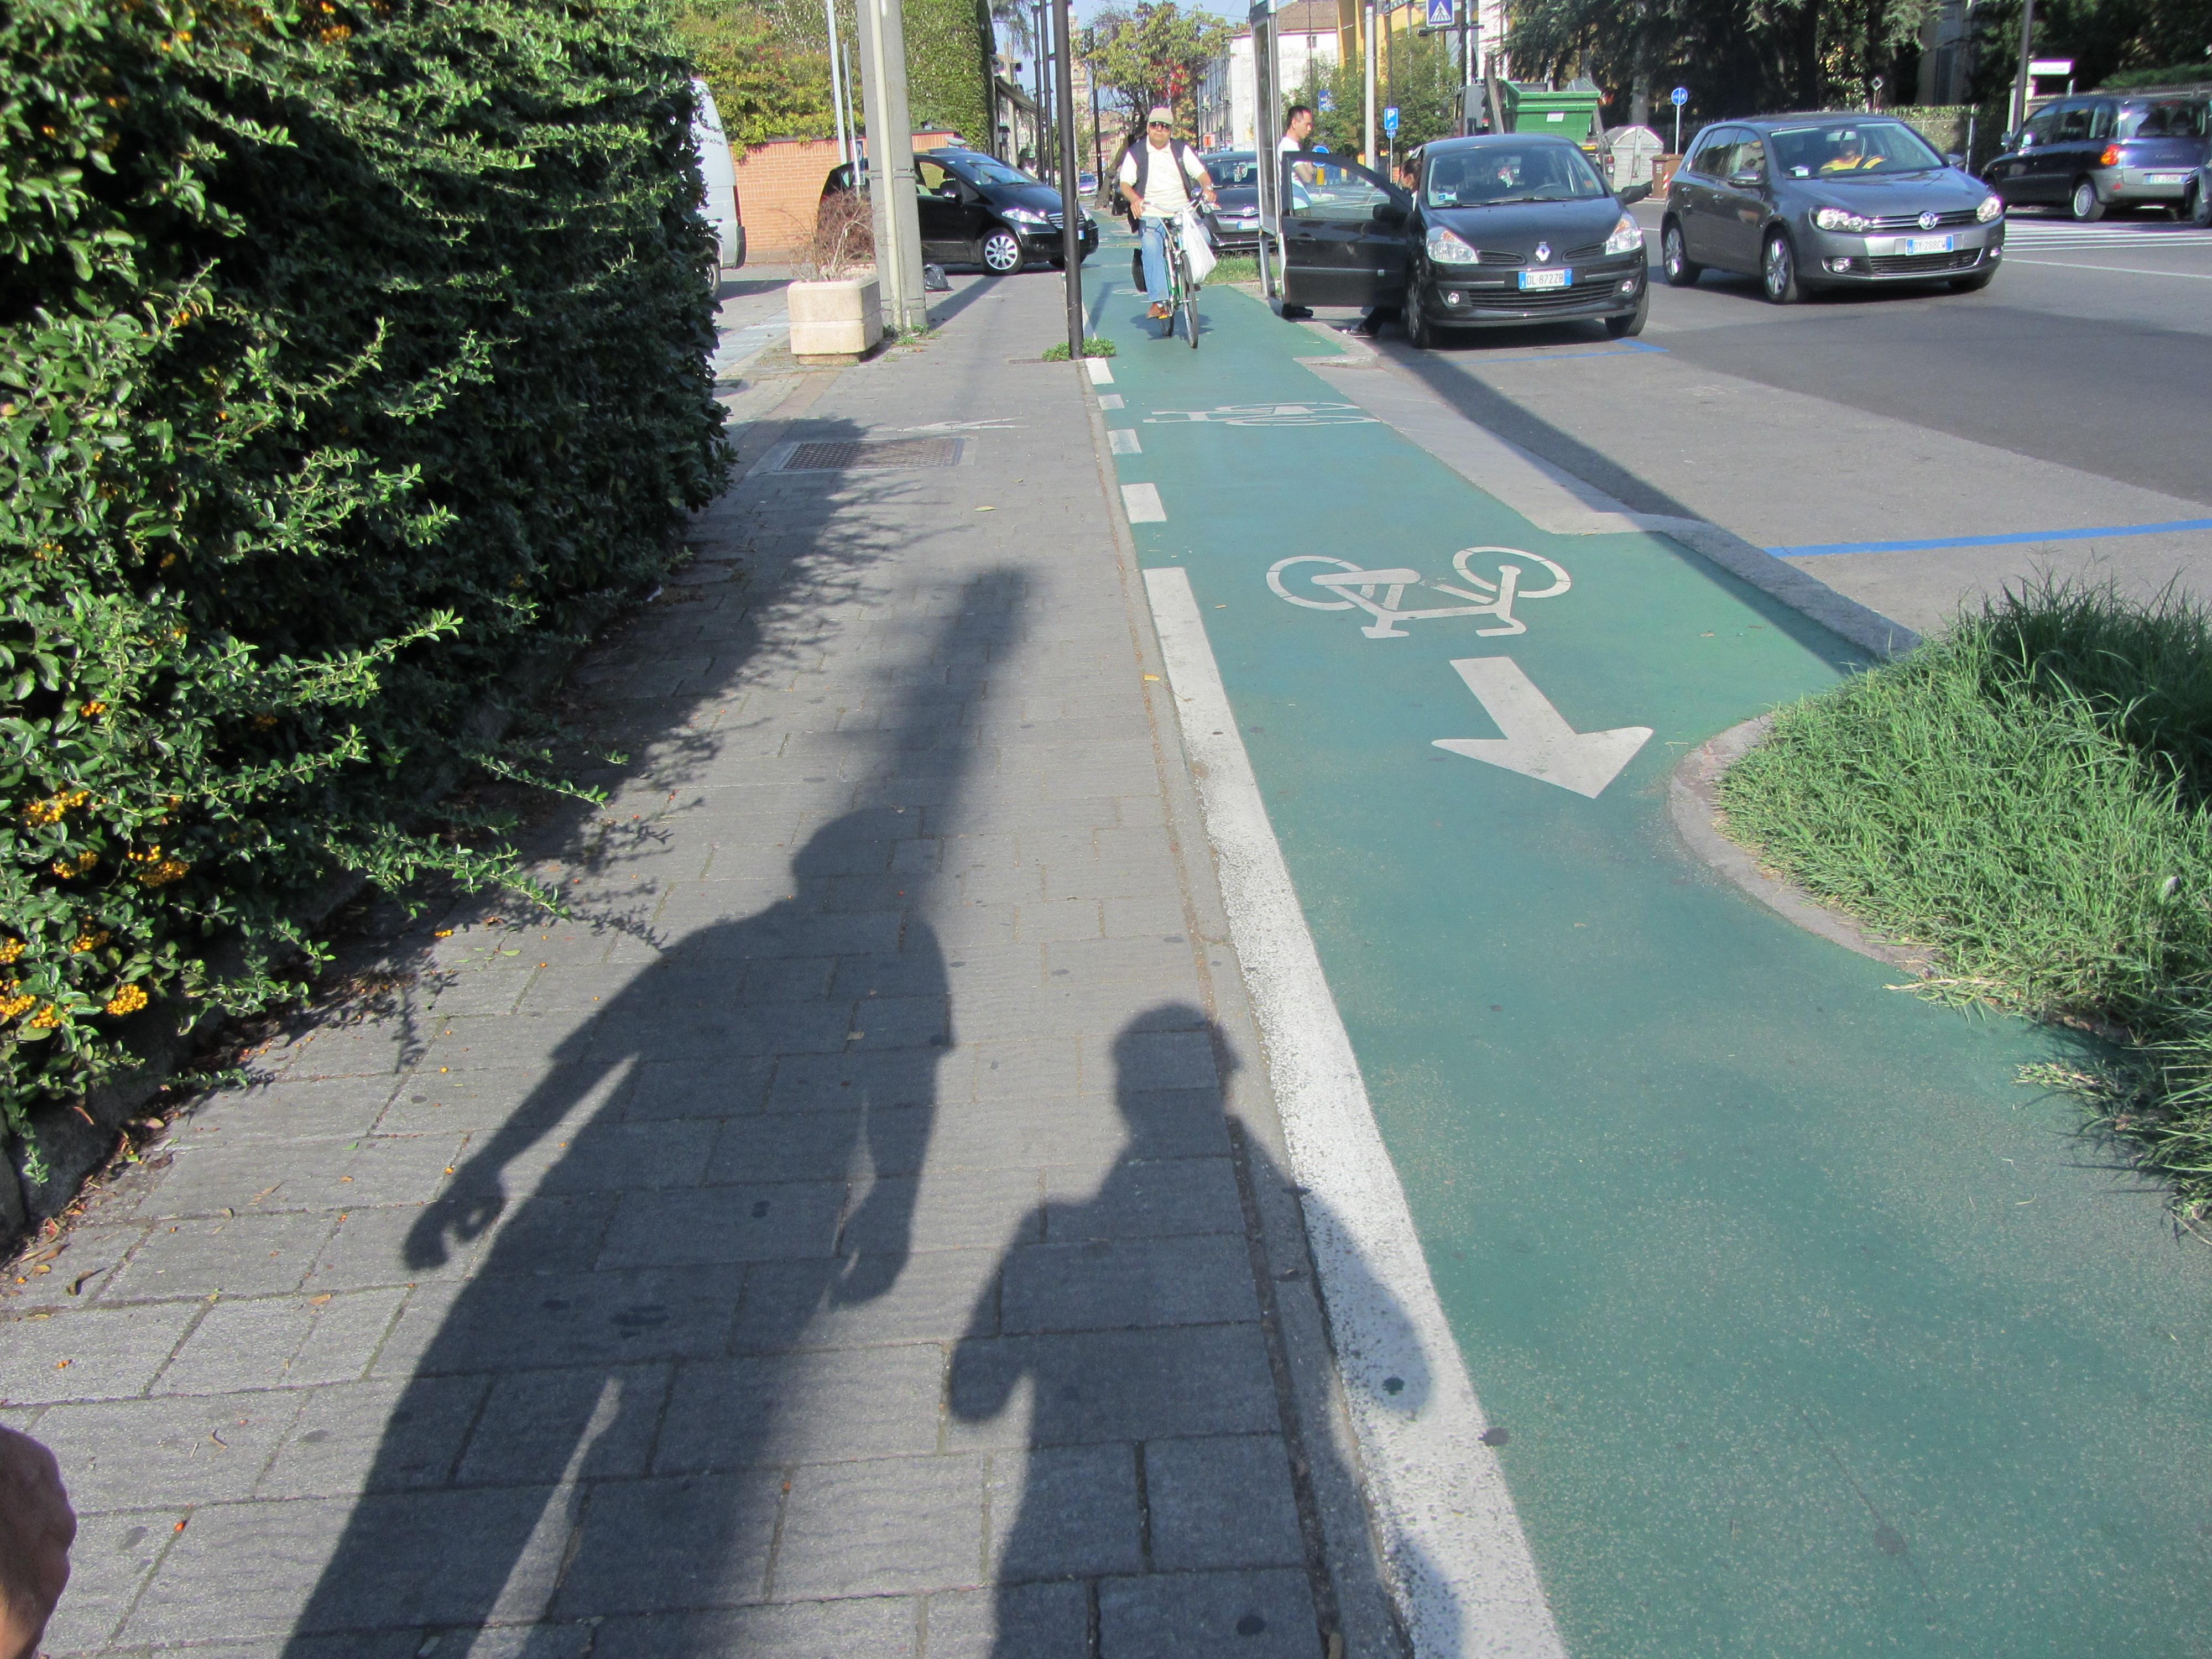 Bike alley along the sidewalk